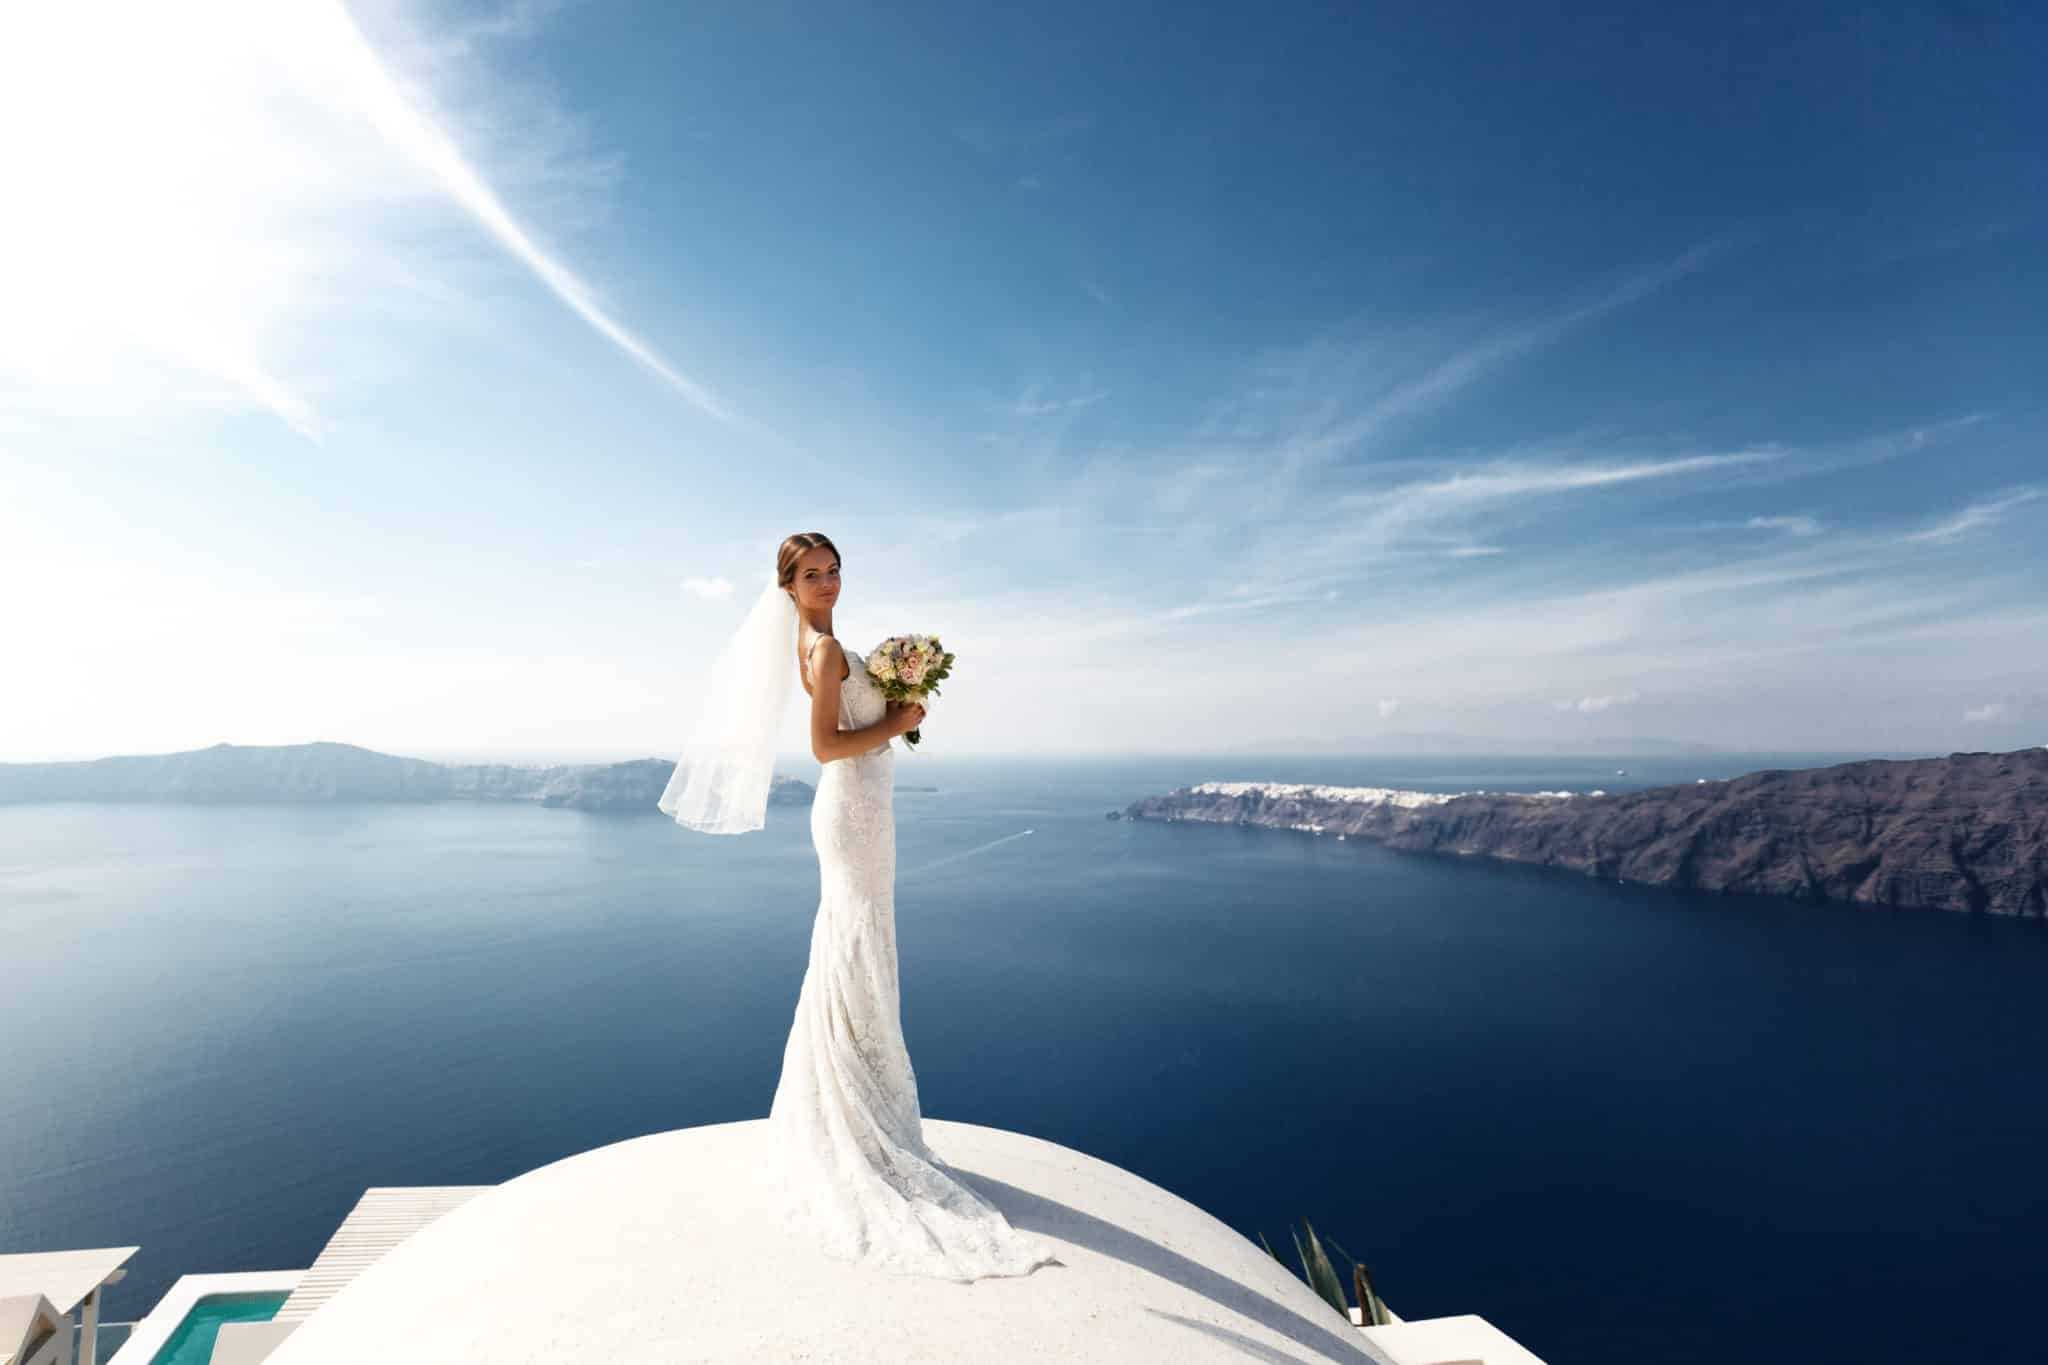 花嫁の美人フィリピン女性 | 国際結婚フィリピン